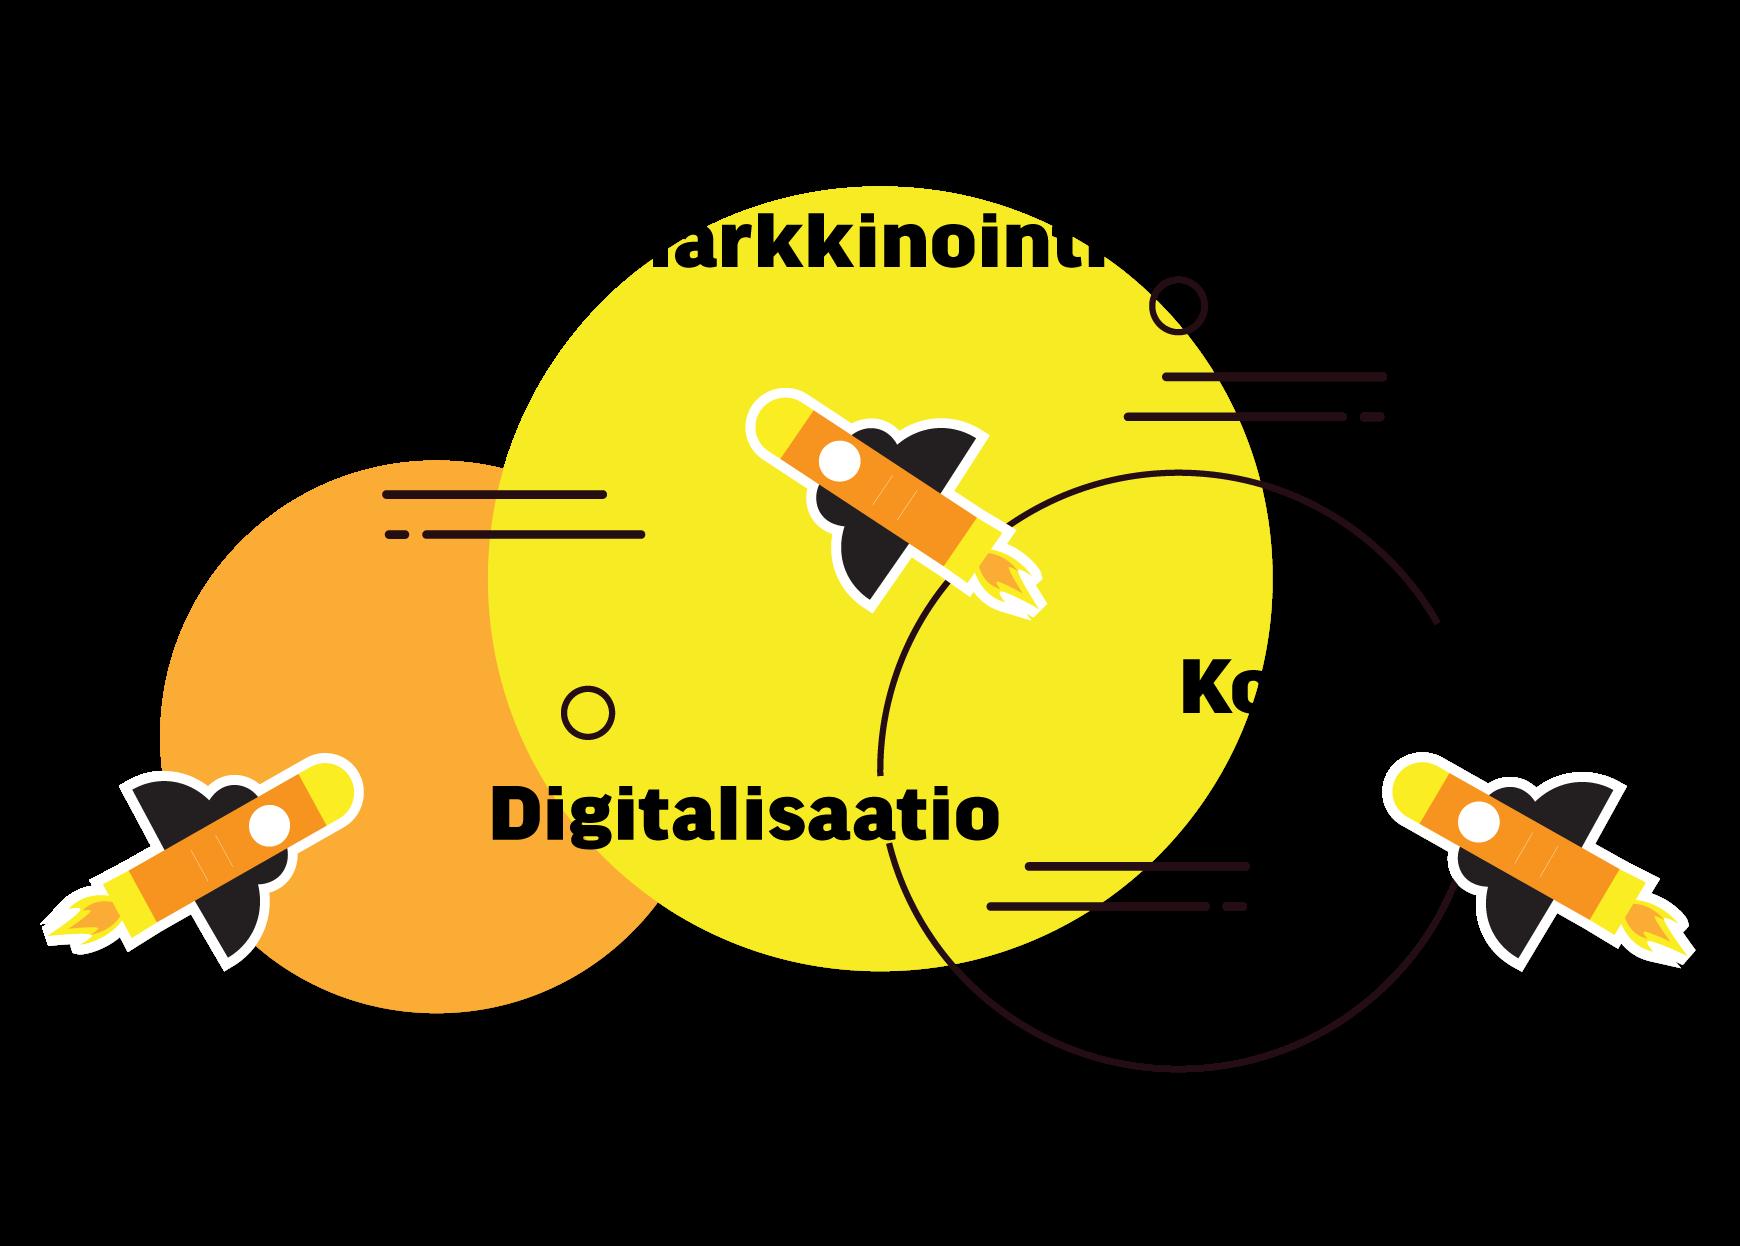 Markkinointi, digitalisaatio, koulutukset.